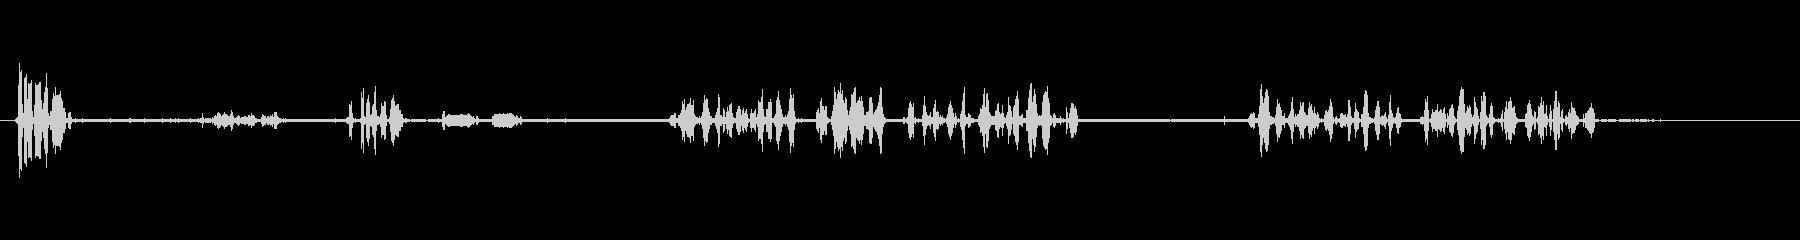 消防車のラジオトークラジオの未再生の波形